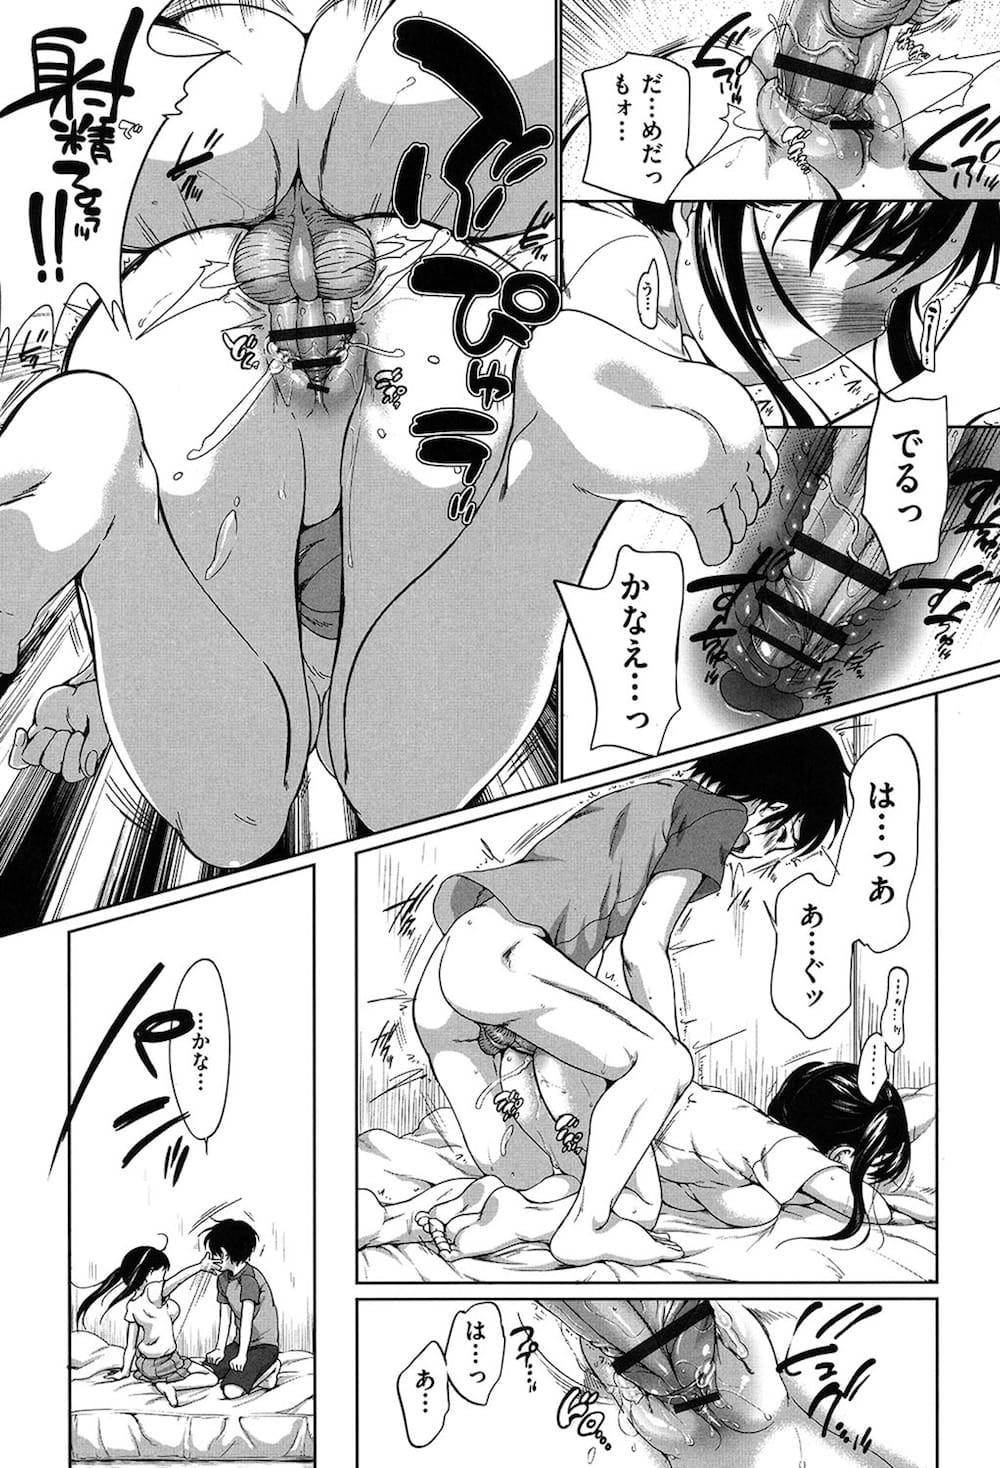 【エロ漫画】 家ではエッチなことをしている幼馴染と学校ではお互いにただのクラスメイトとして接していたが、堂々と告白して学校でセックス♪ 009